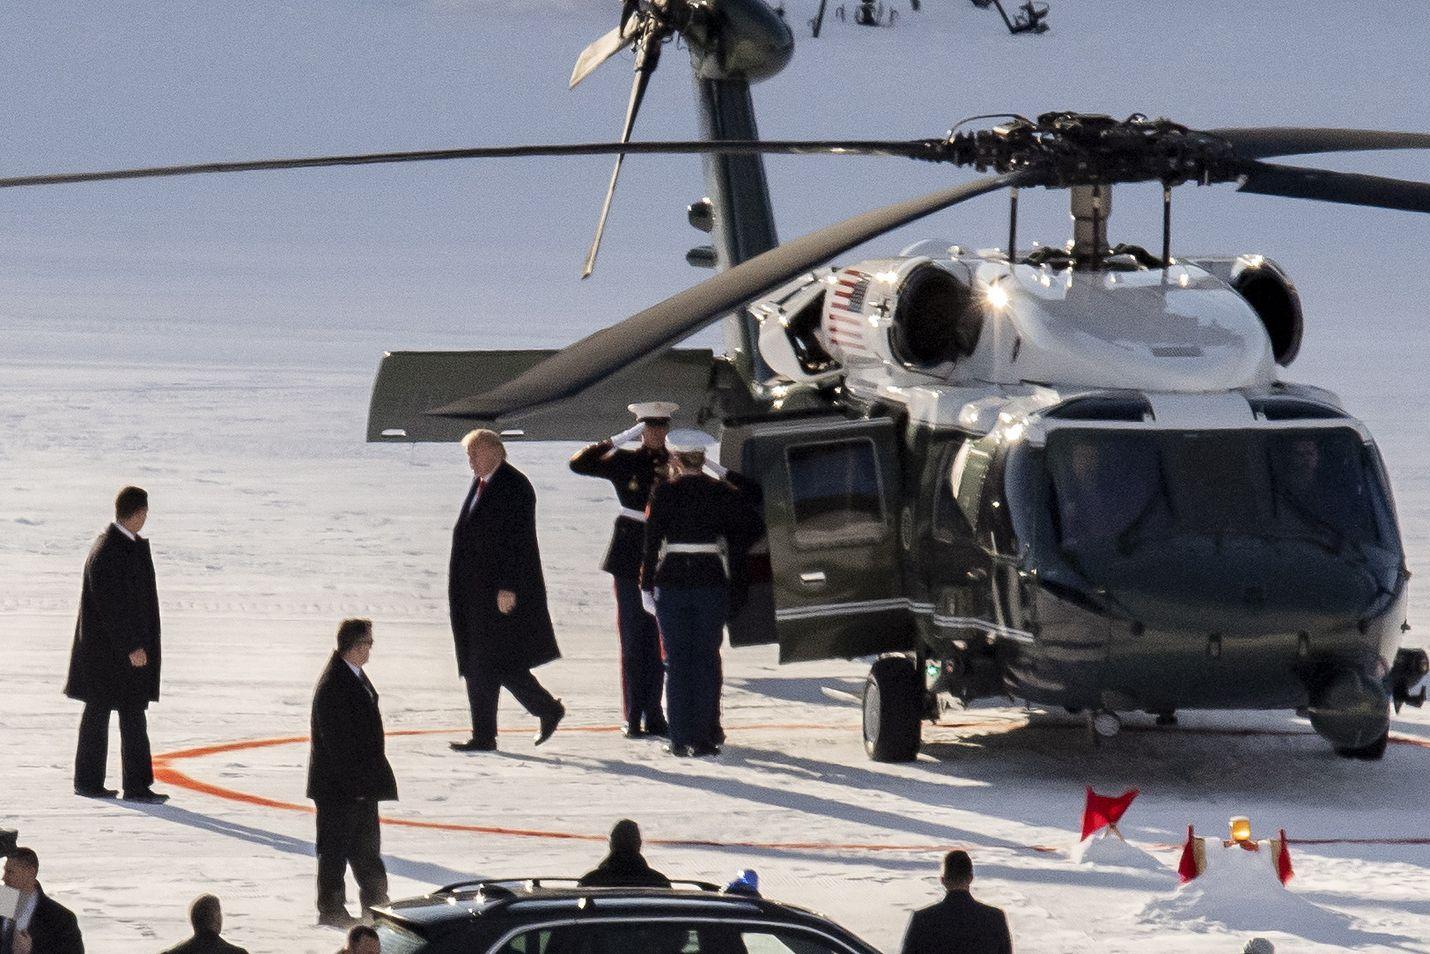 Yhdysvaltojen presidentti Donald Trump saapui Sveitsin Davosiin tiistaina aamupäivällä.